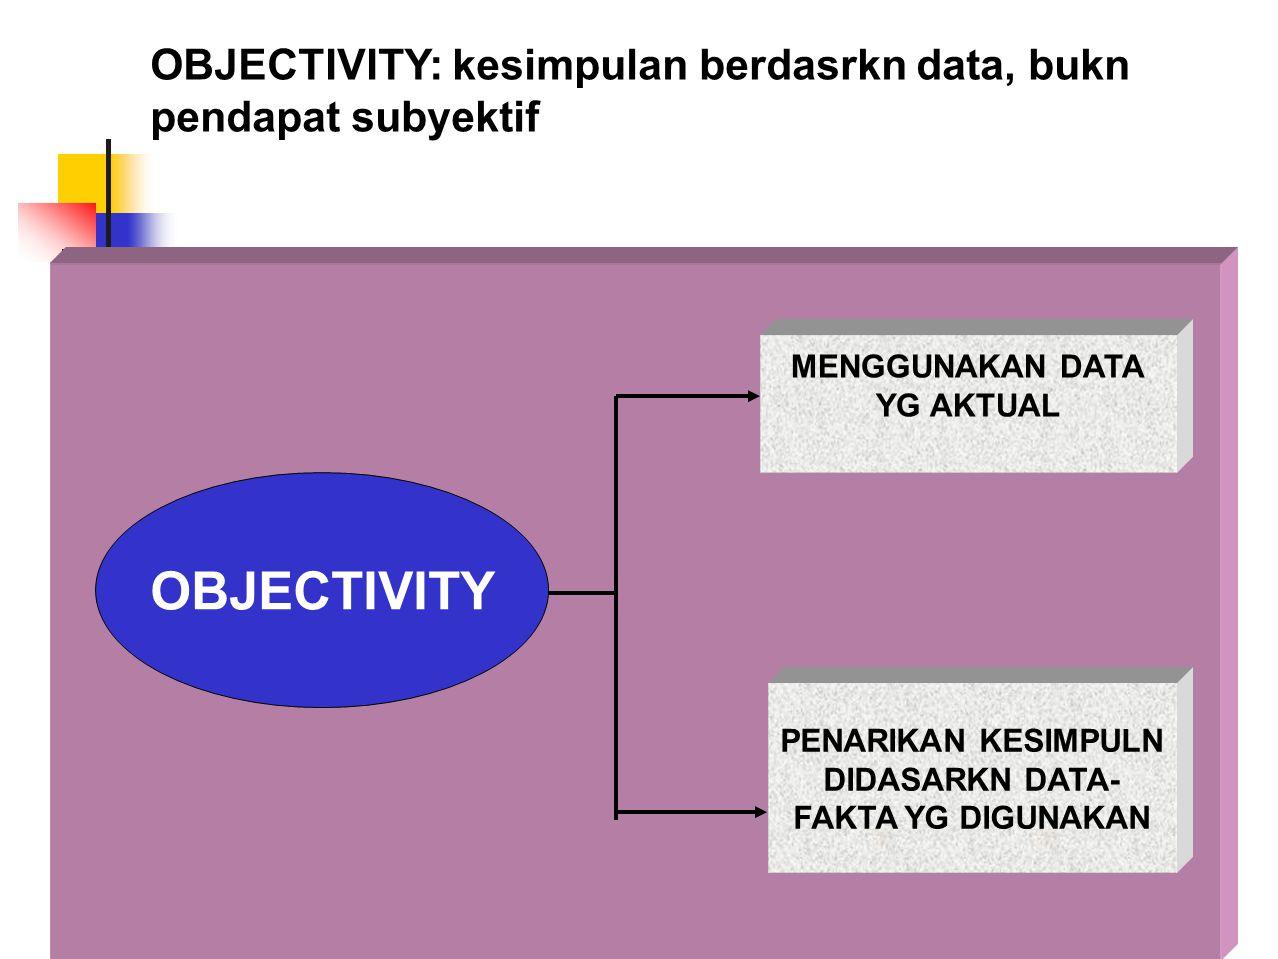 OBJECTIVITY: kesimpulan berdasrkn data, bukn pendapat subyektif OBJECTIVITY MENGGUNAKAN DATA YG AKTUAL PENARIKAN KESIMPULN DIDASARKN DATA- FAKTA YG DI